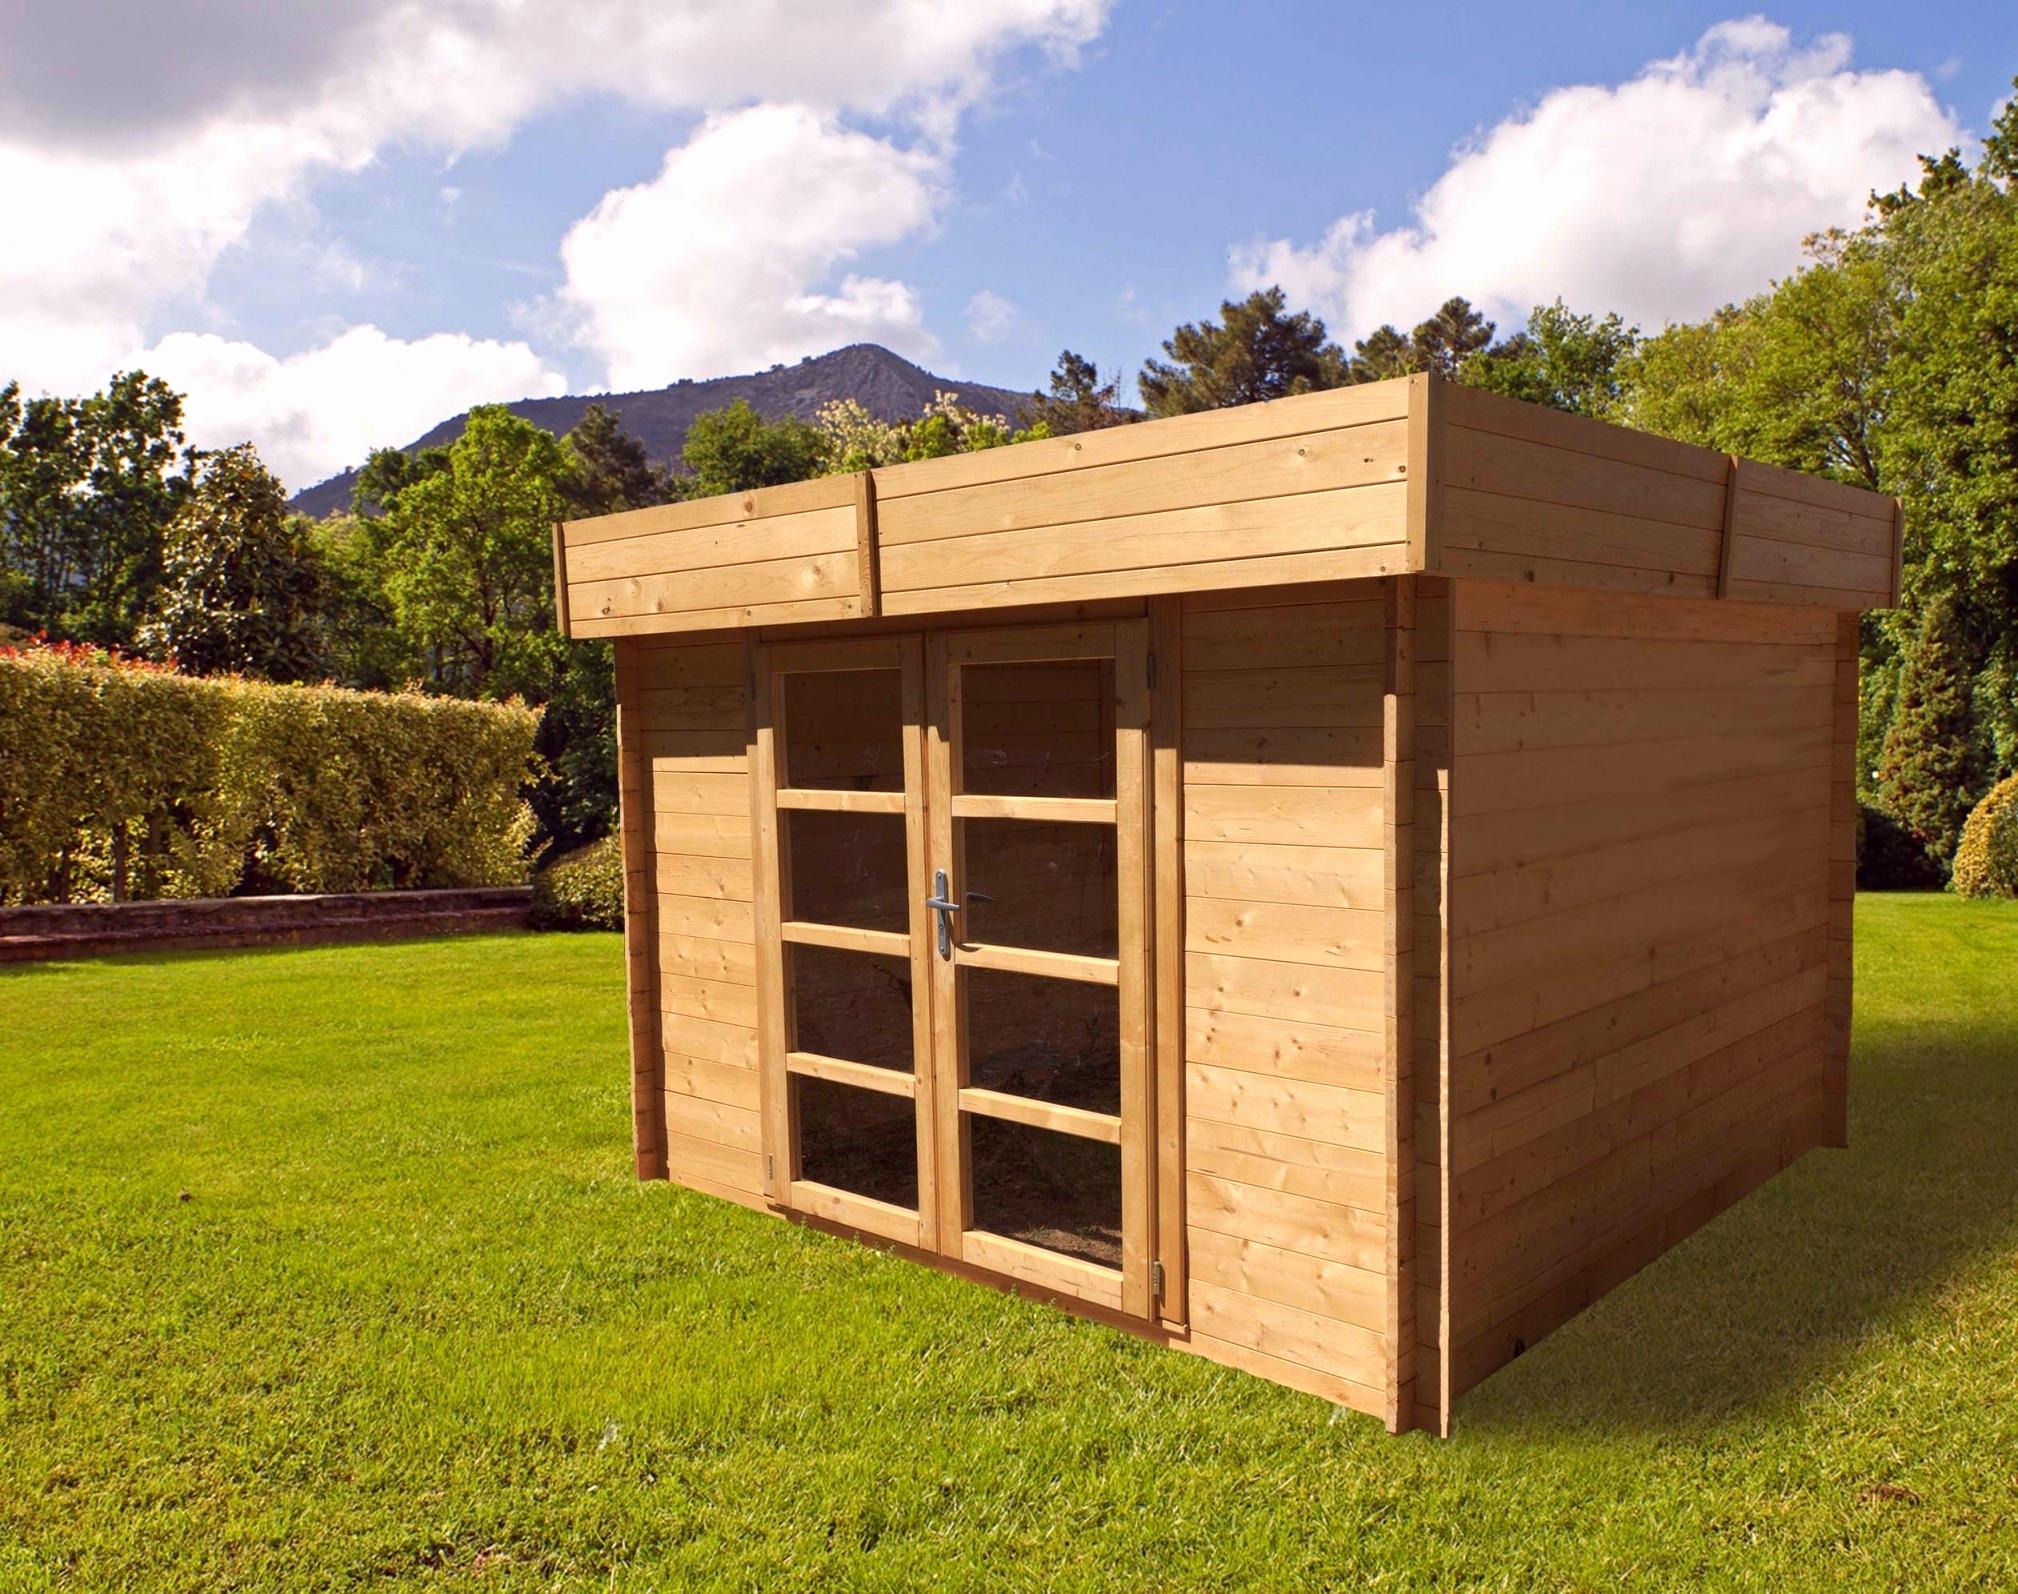 idee de terrasse exterieur elegant decoration mur exterieur maison unique idee de deco jardin exterieur of idee de terrasse exterieur